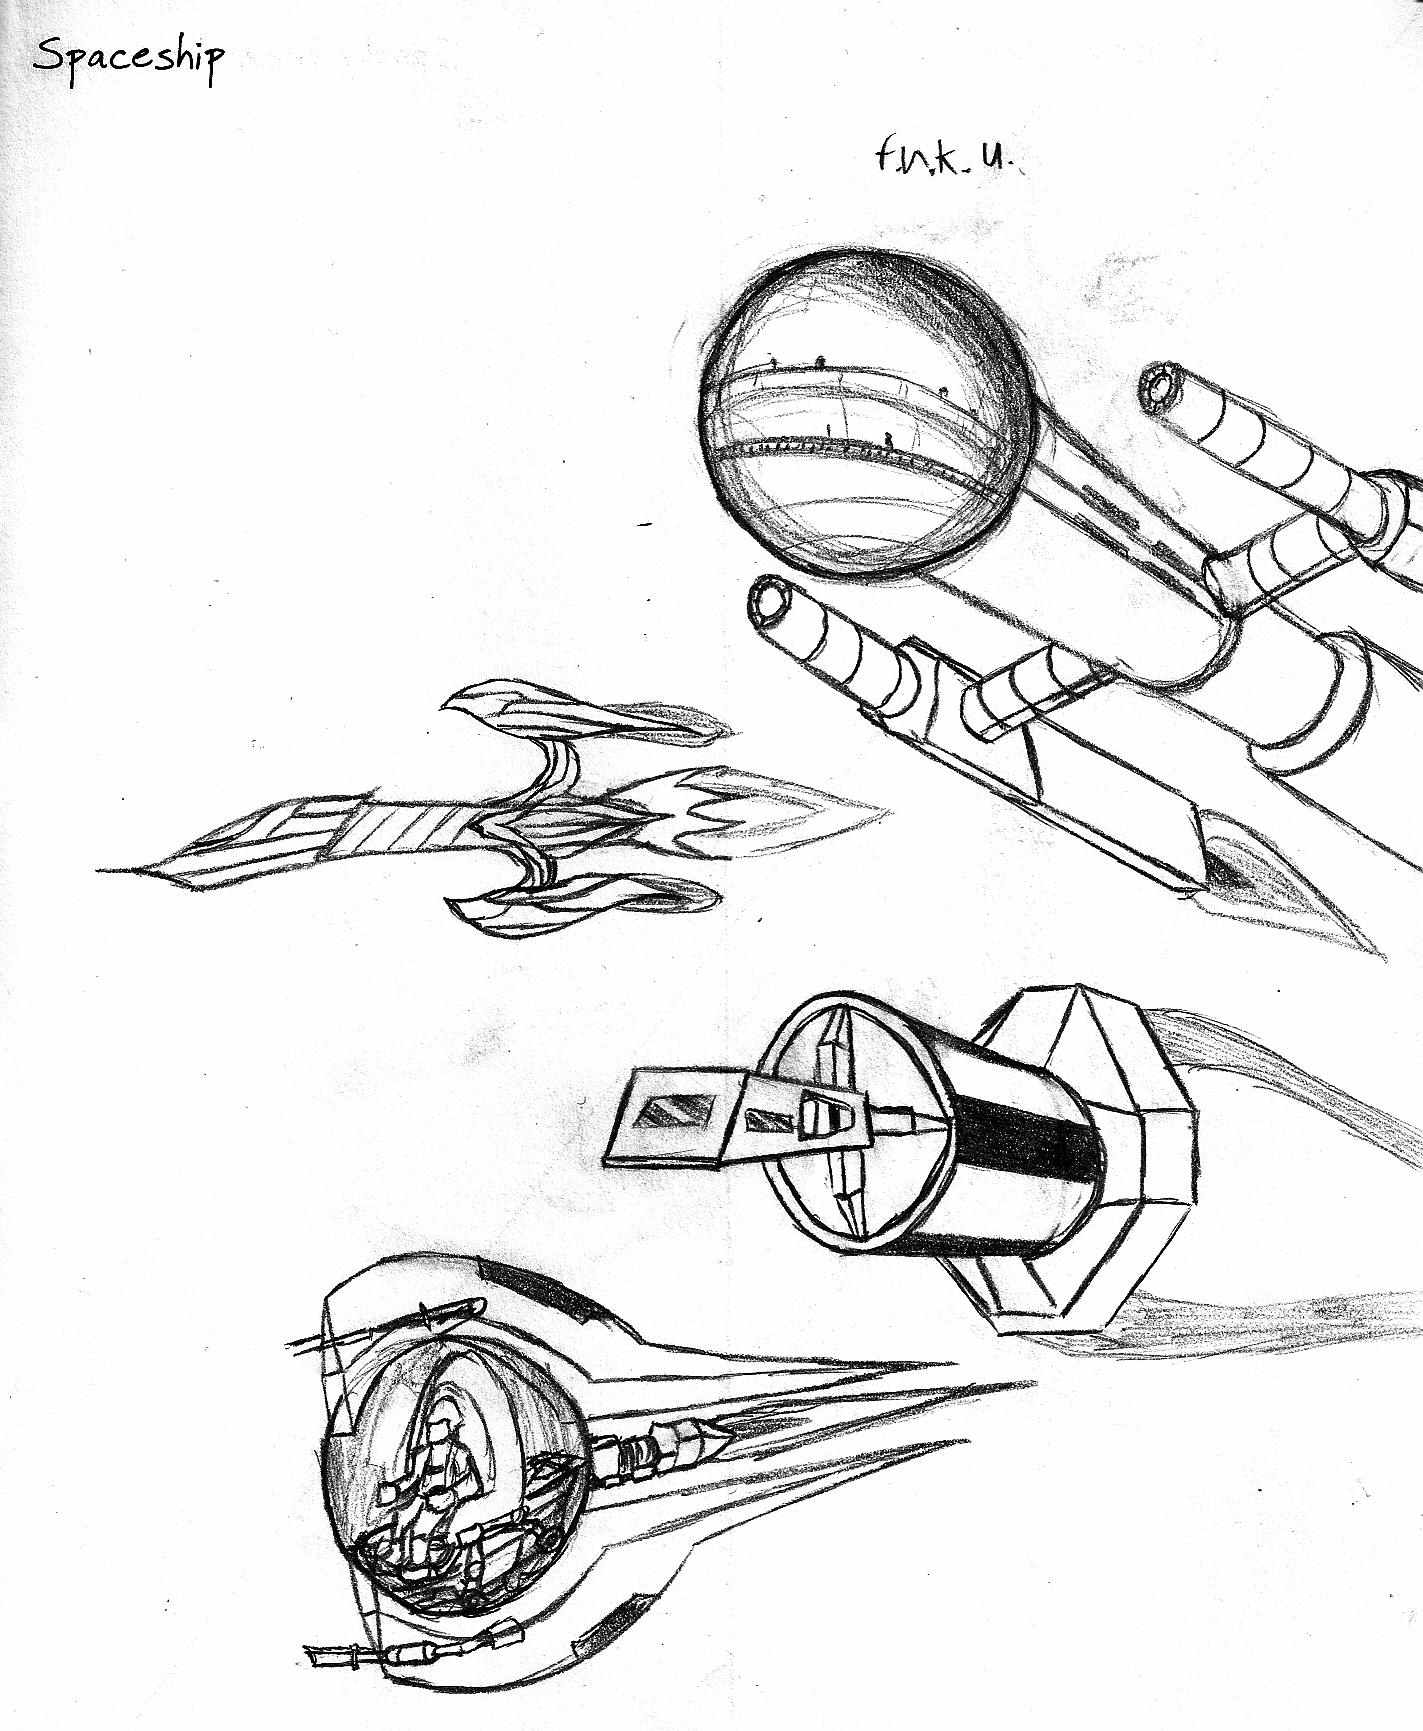 1423x1731 Spaceship Weasyl